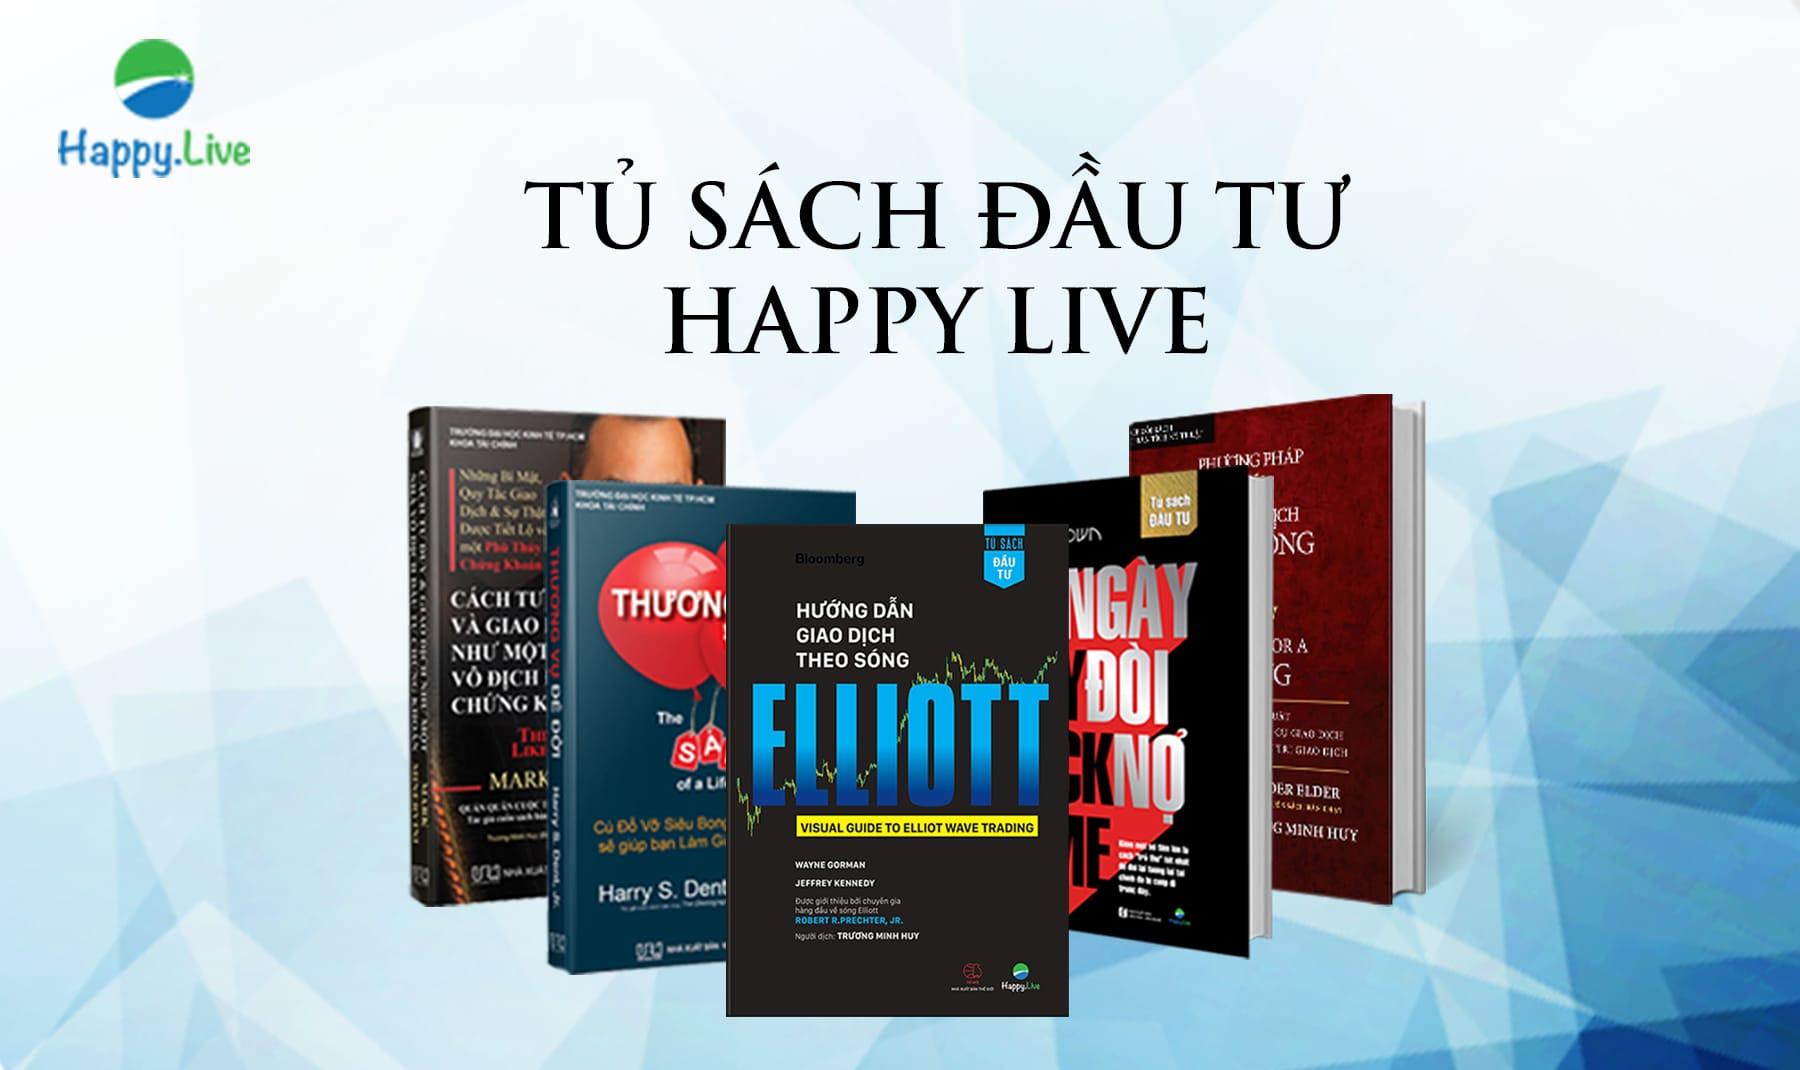 tủ sách đầu tư tài chính happy.live